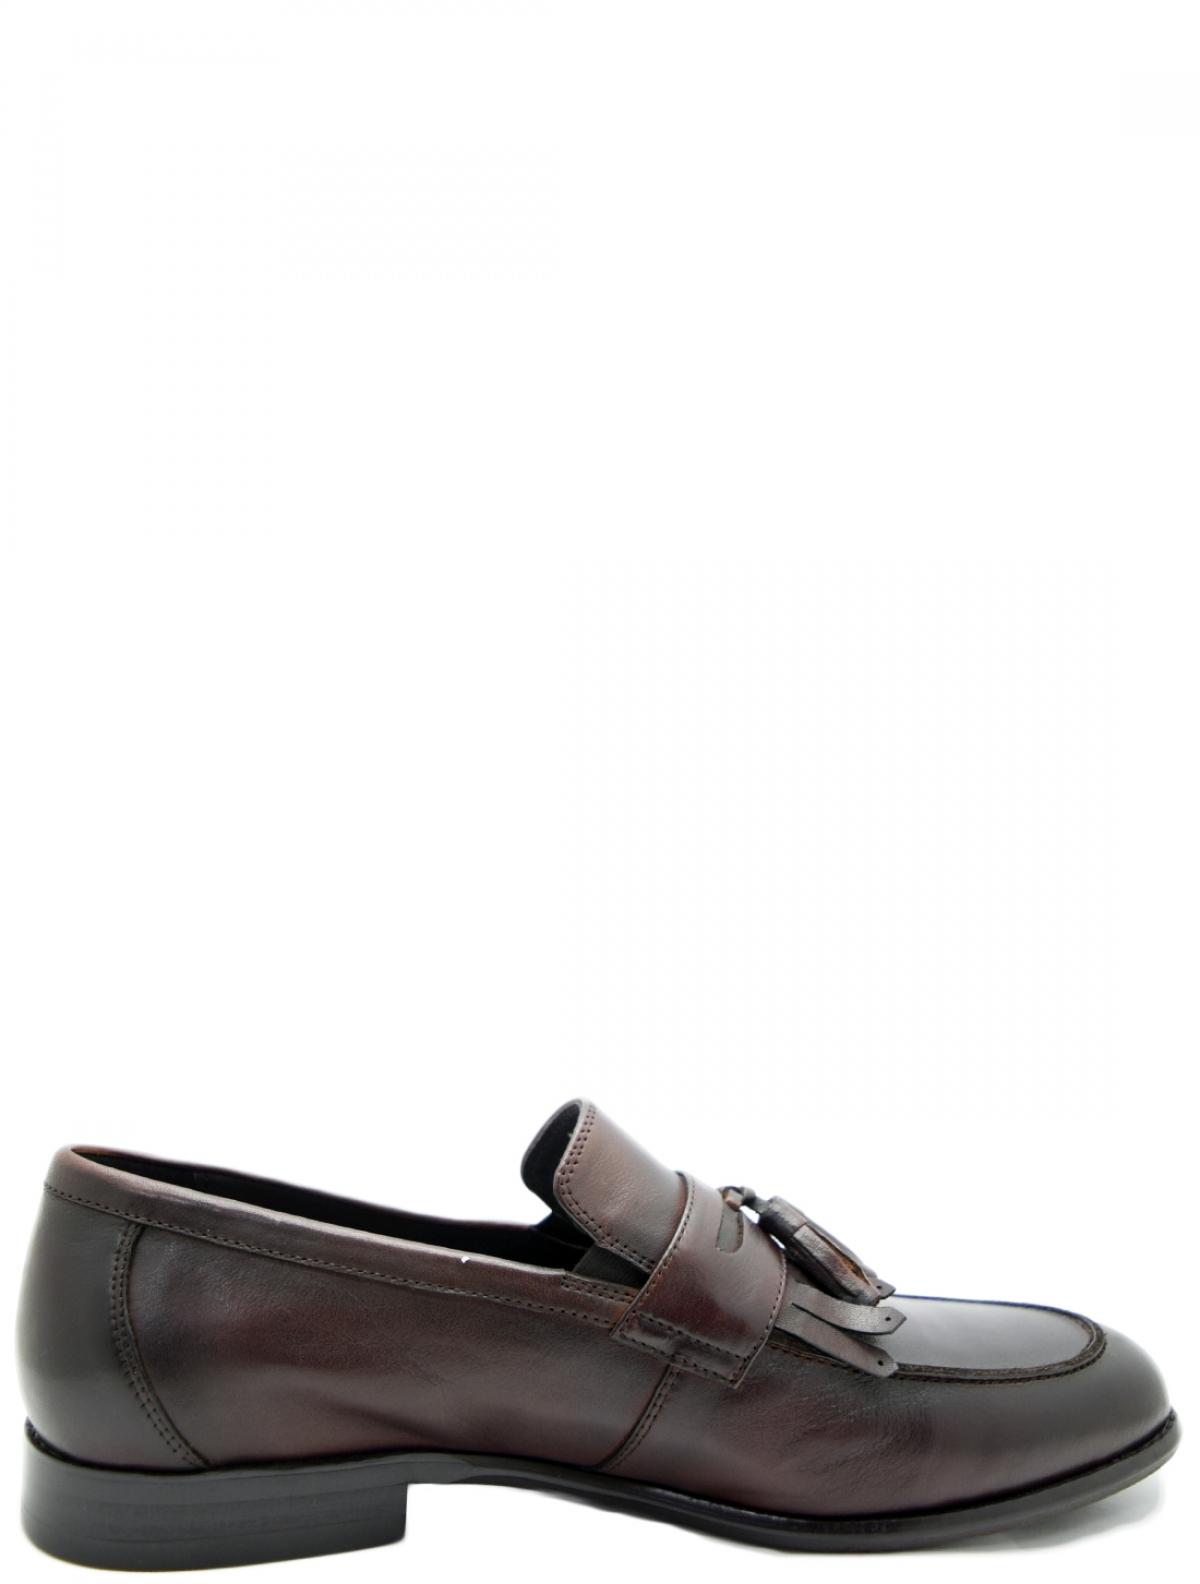 Roscote A0072-202-557-T3198 мужские туфли